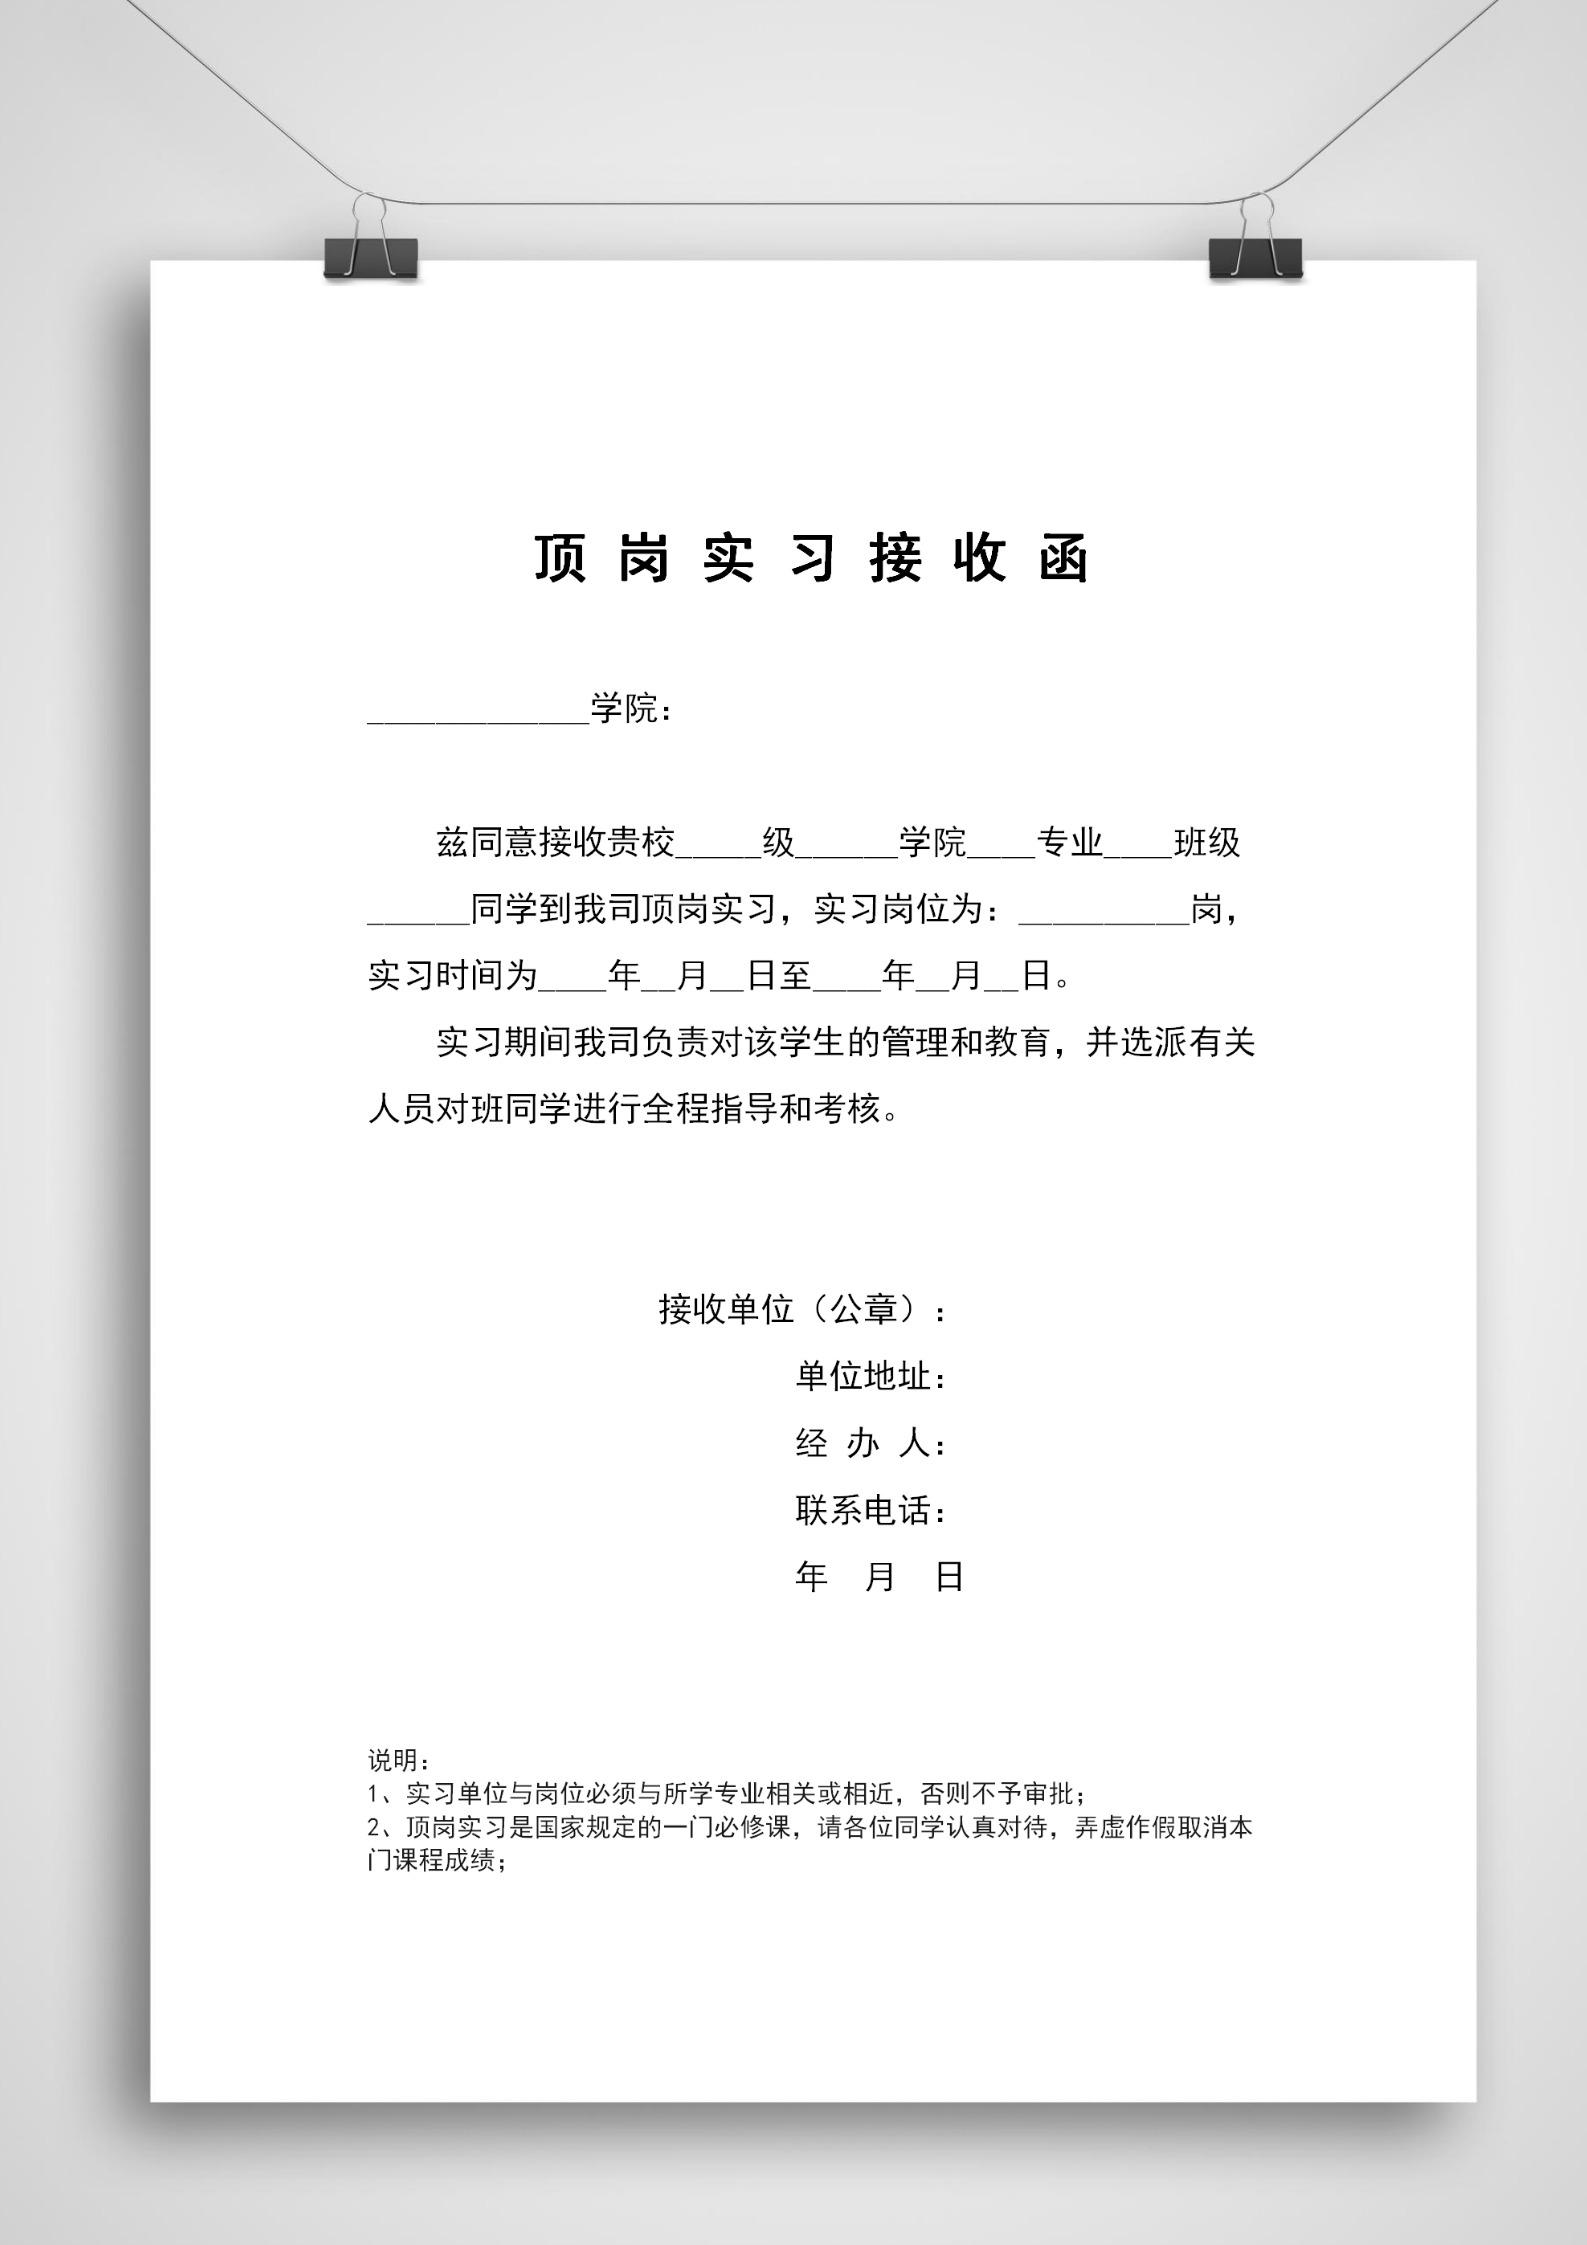 大学生顶岗实习接收函.docx